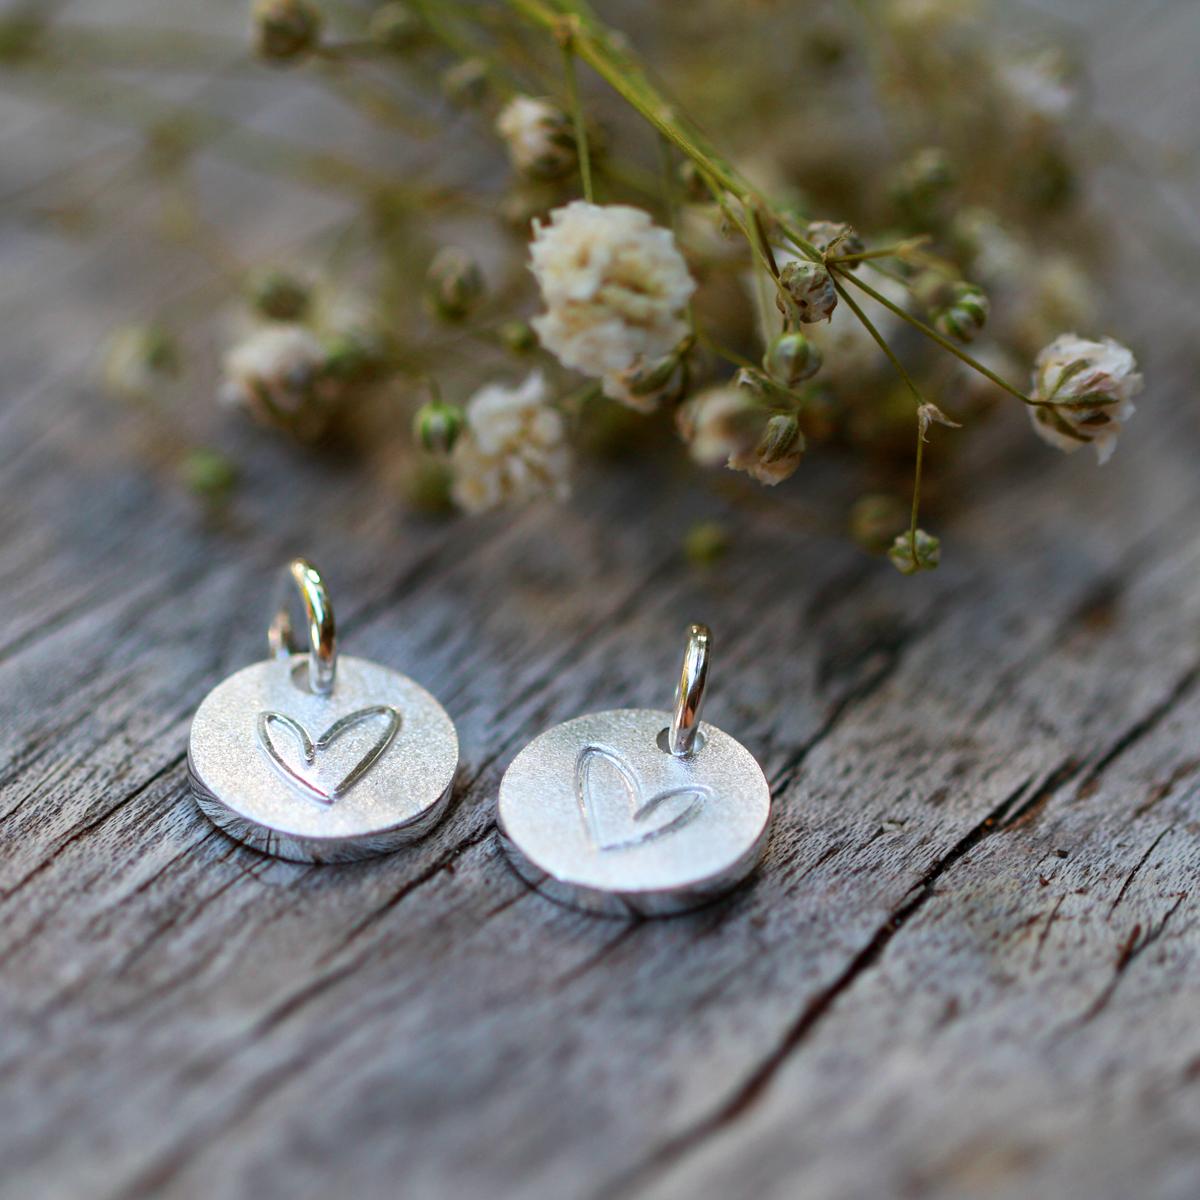 Heart pendants_couple